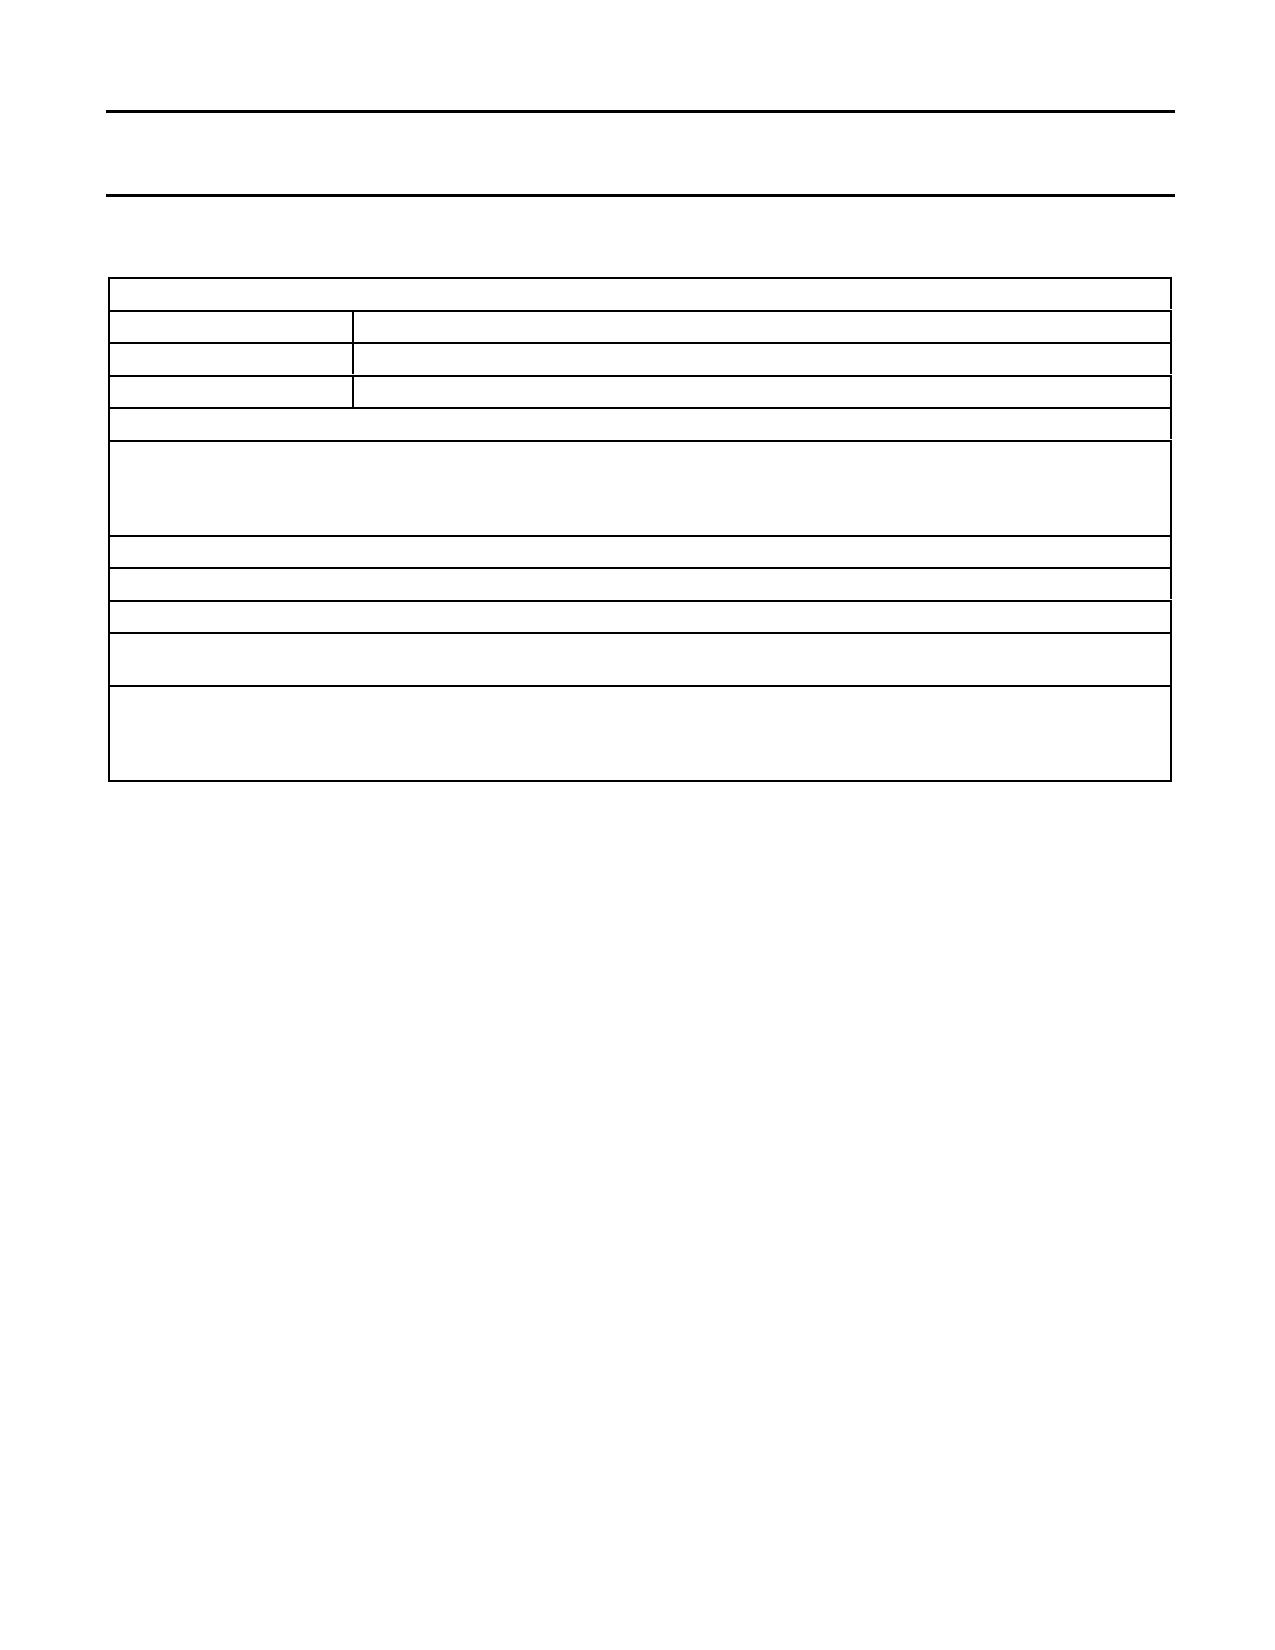 BR100 pdf, ピン配列